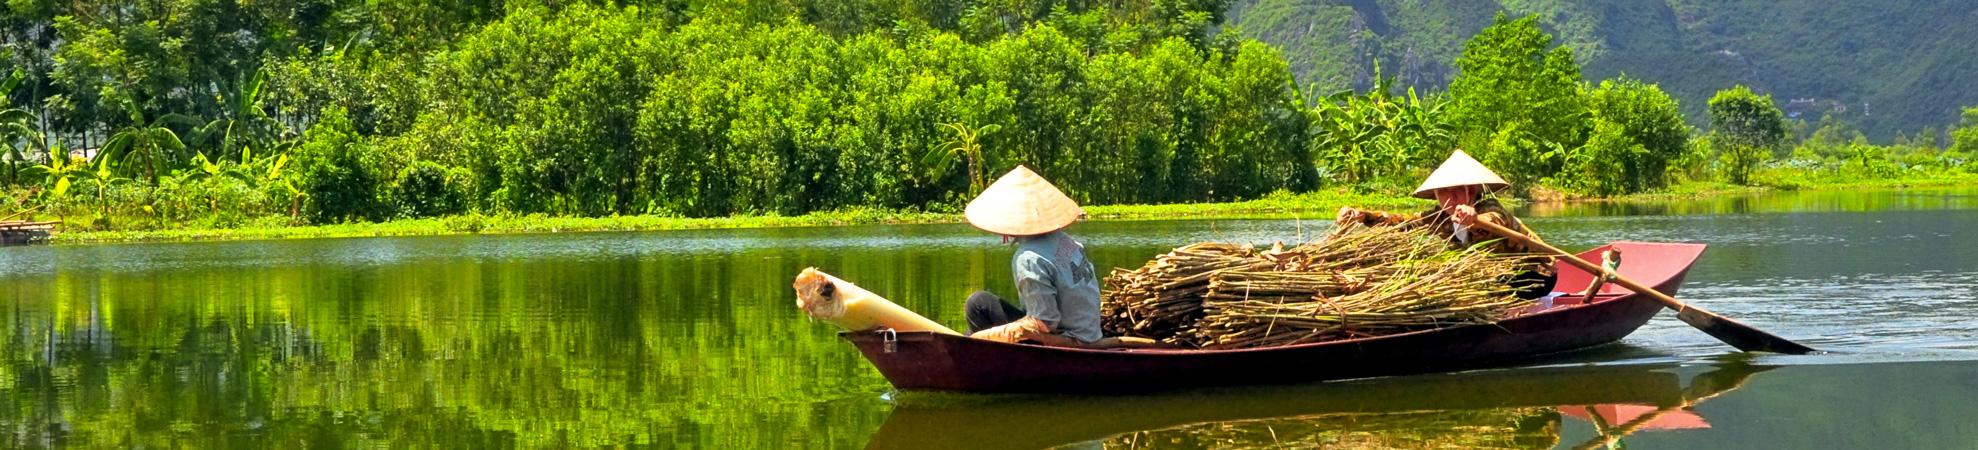 Adresses utiles pour un voyage au Vietnam